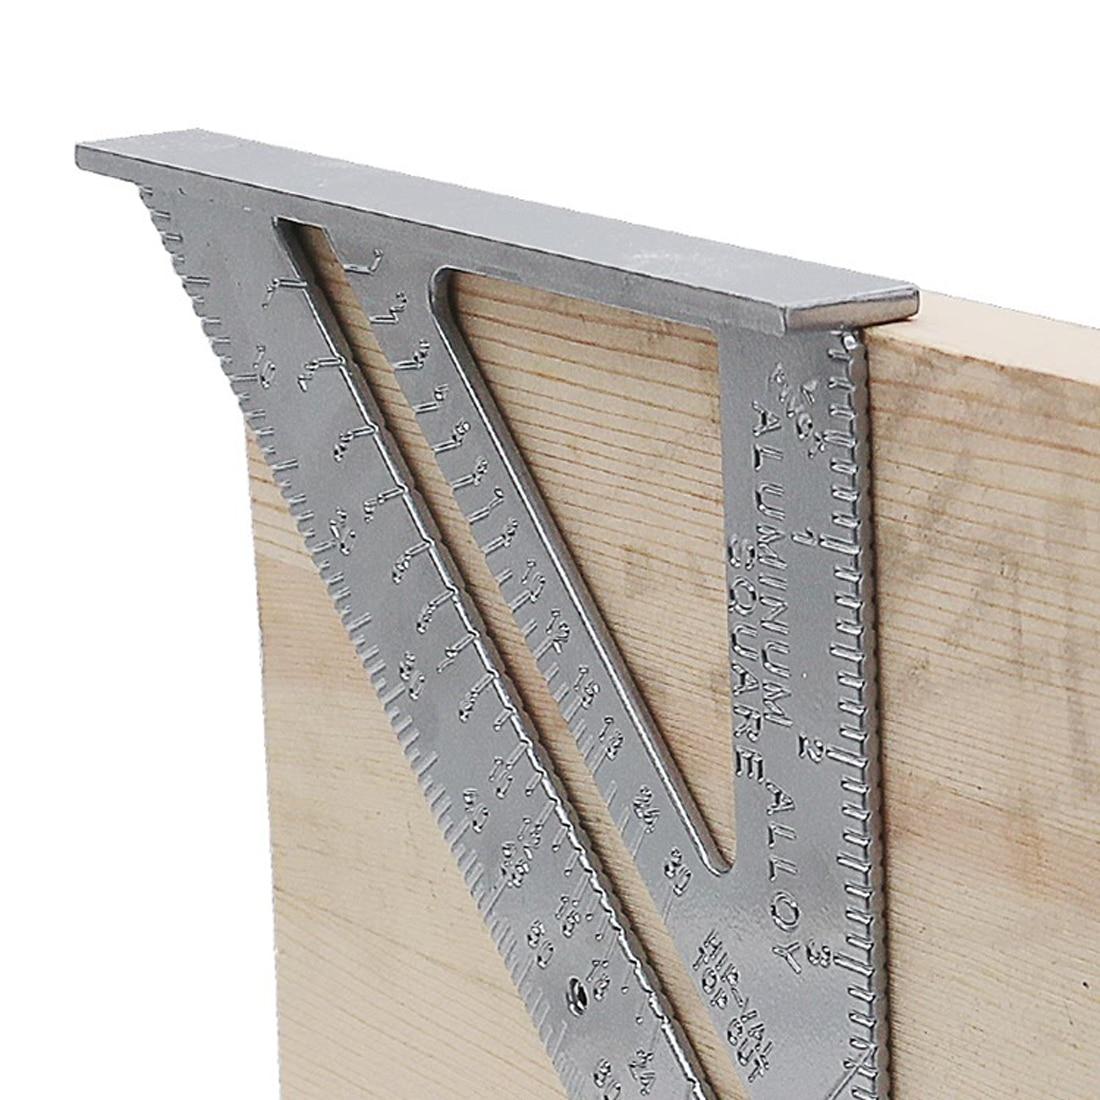 Outil de mesure Triangle règle carrée en alliage d'aluminium rapporteur de vitesse onglet pour charpentier Tri-carré ligne Scriber scie Guide